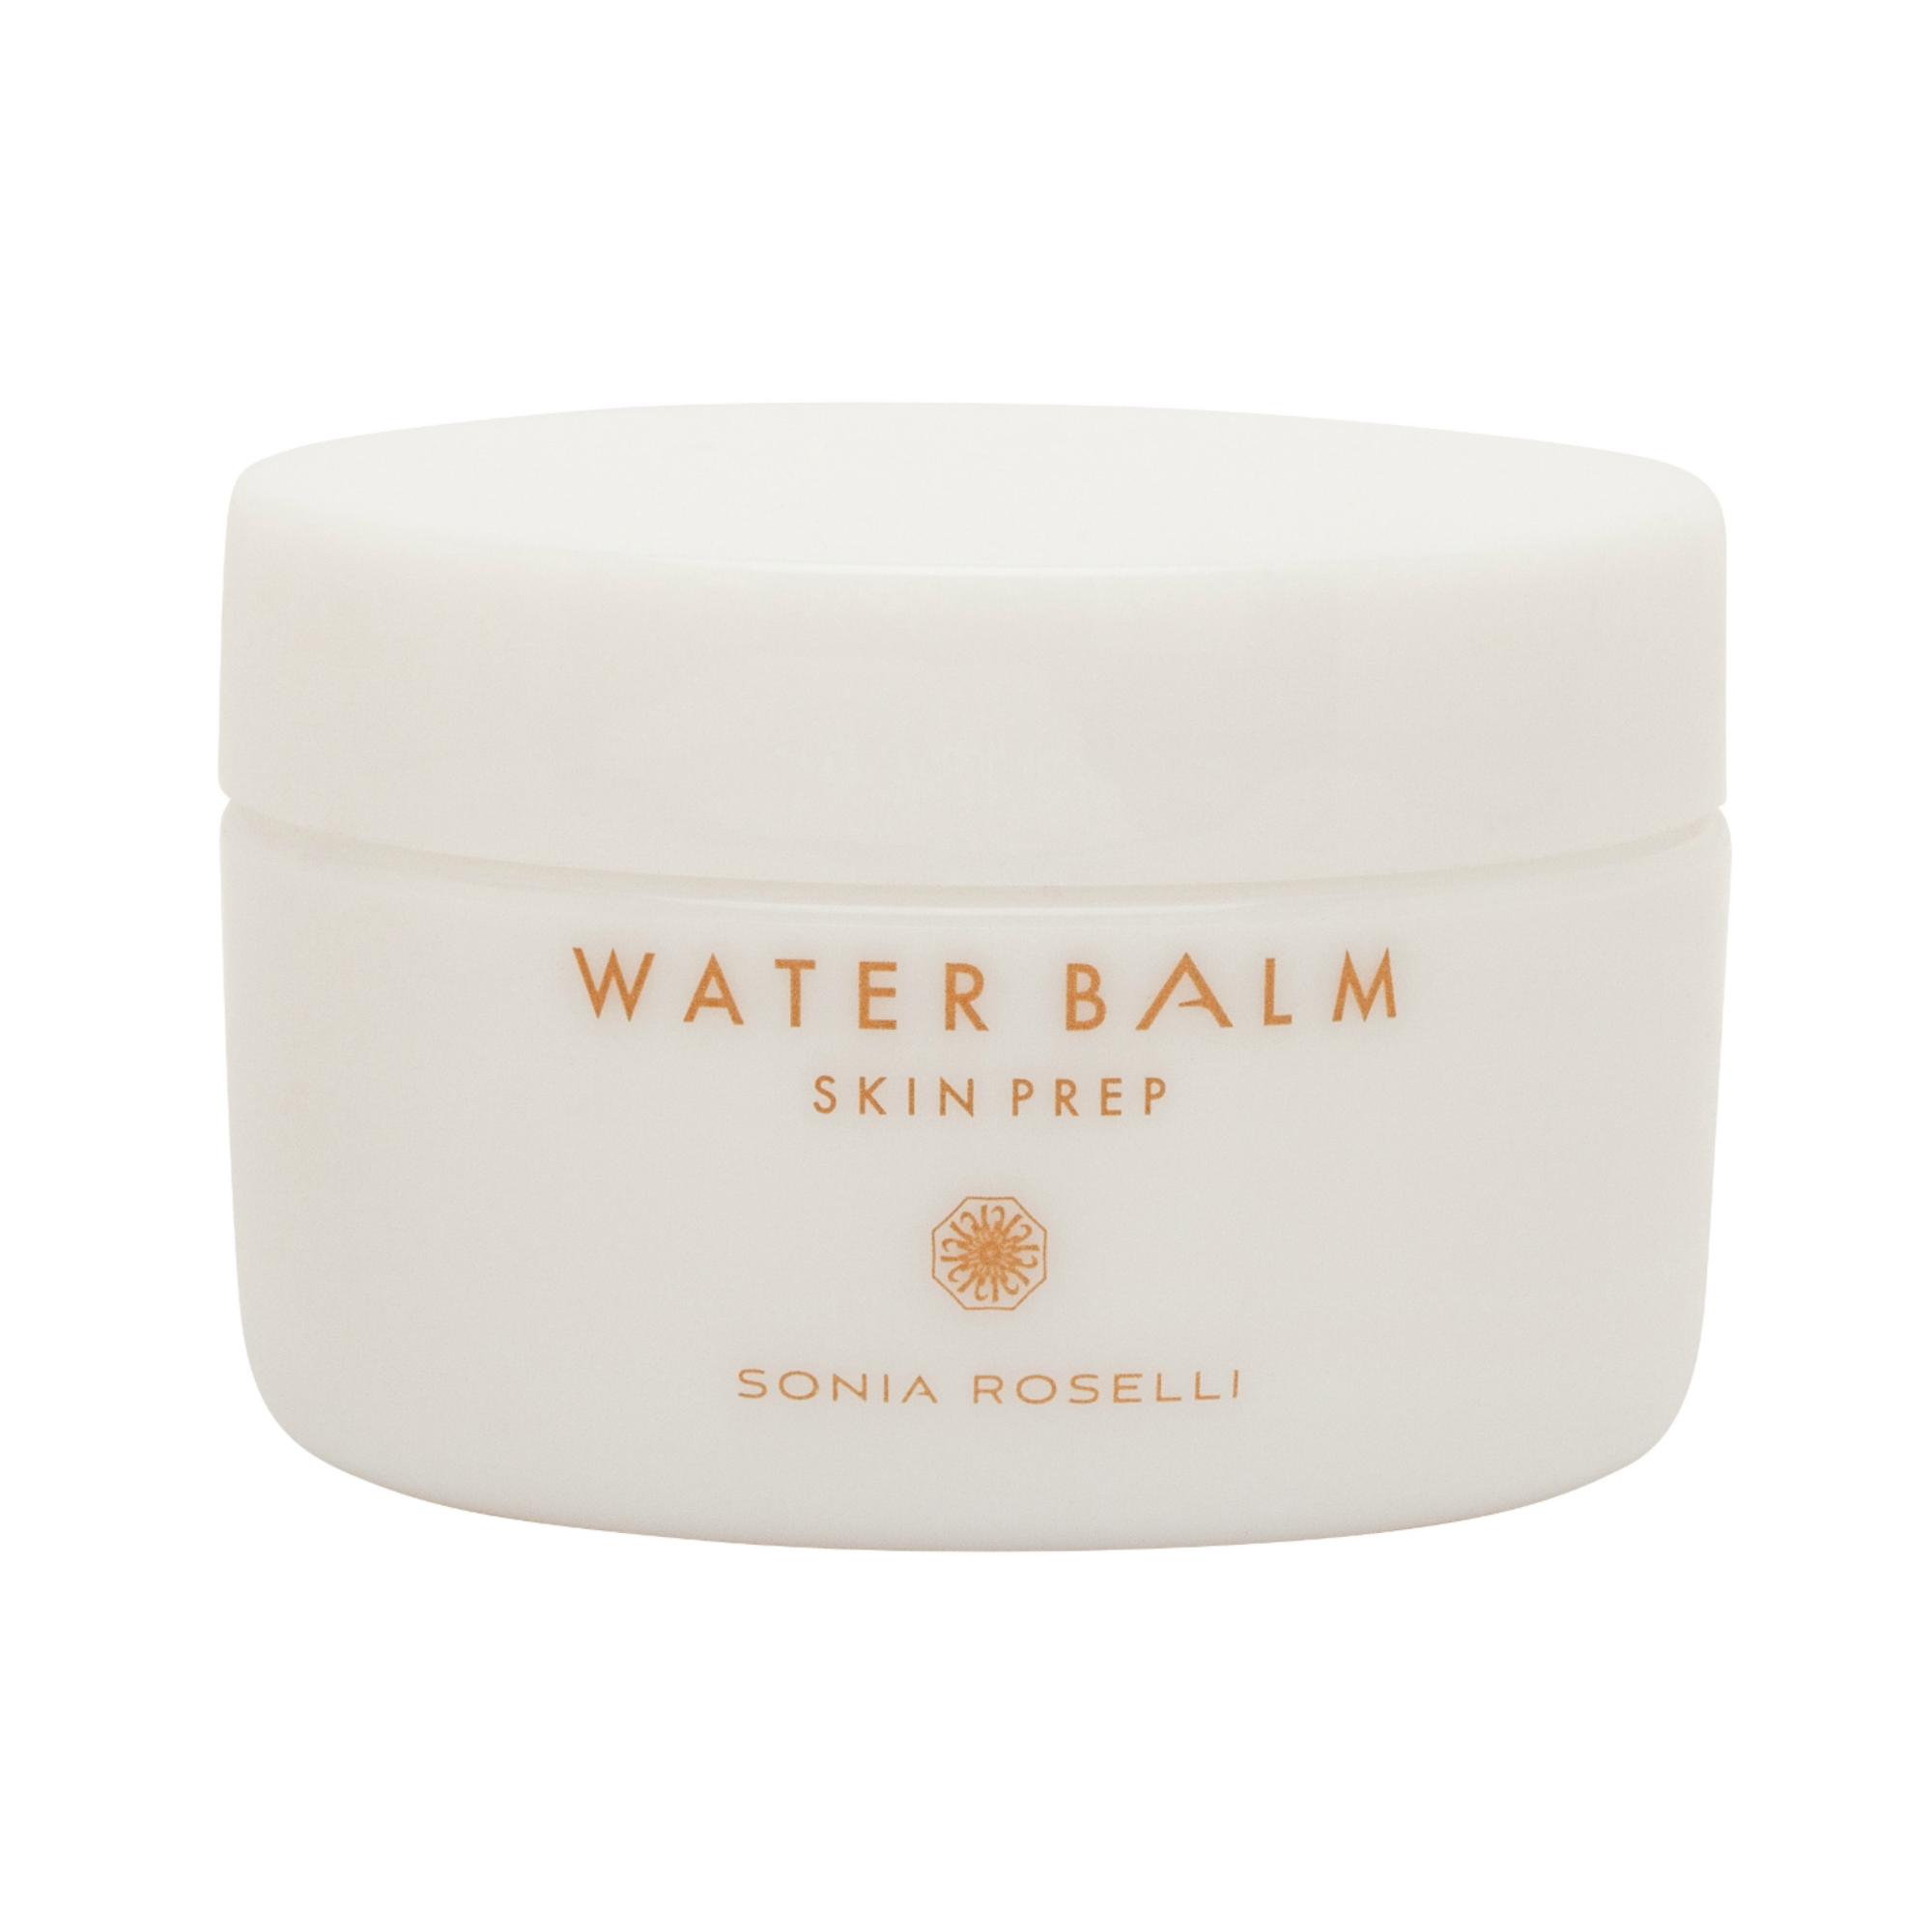 kim baker beauty blogger skincare sonia rosellie beauty water balm moisturizer skin prep